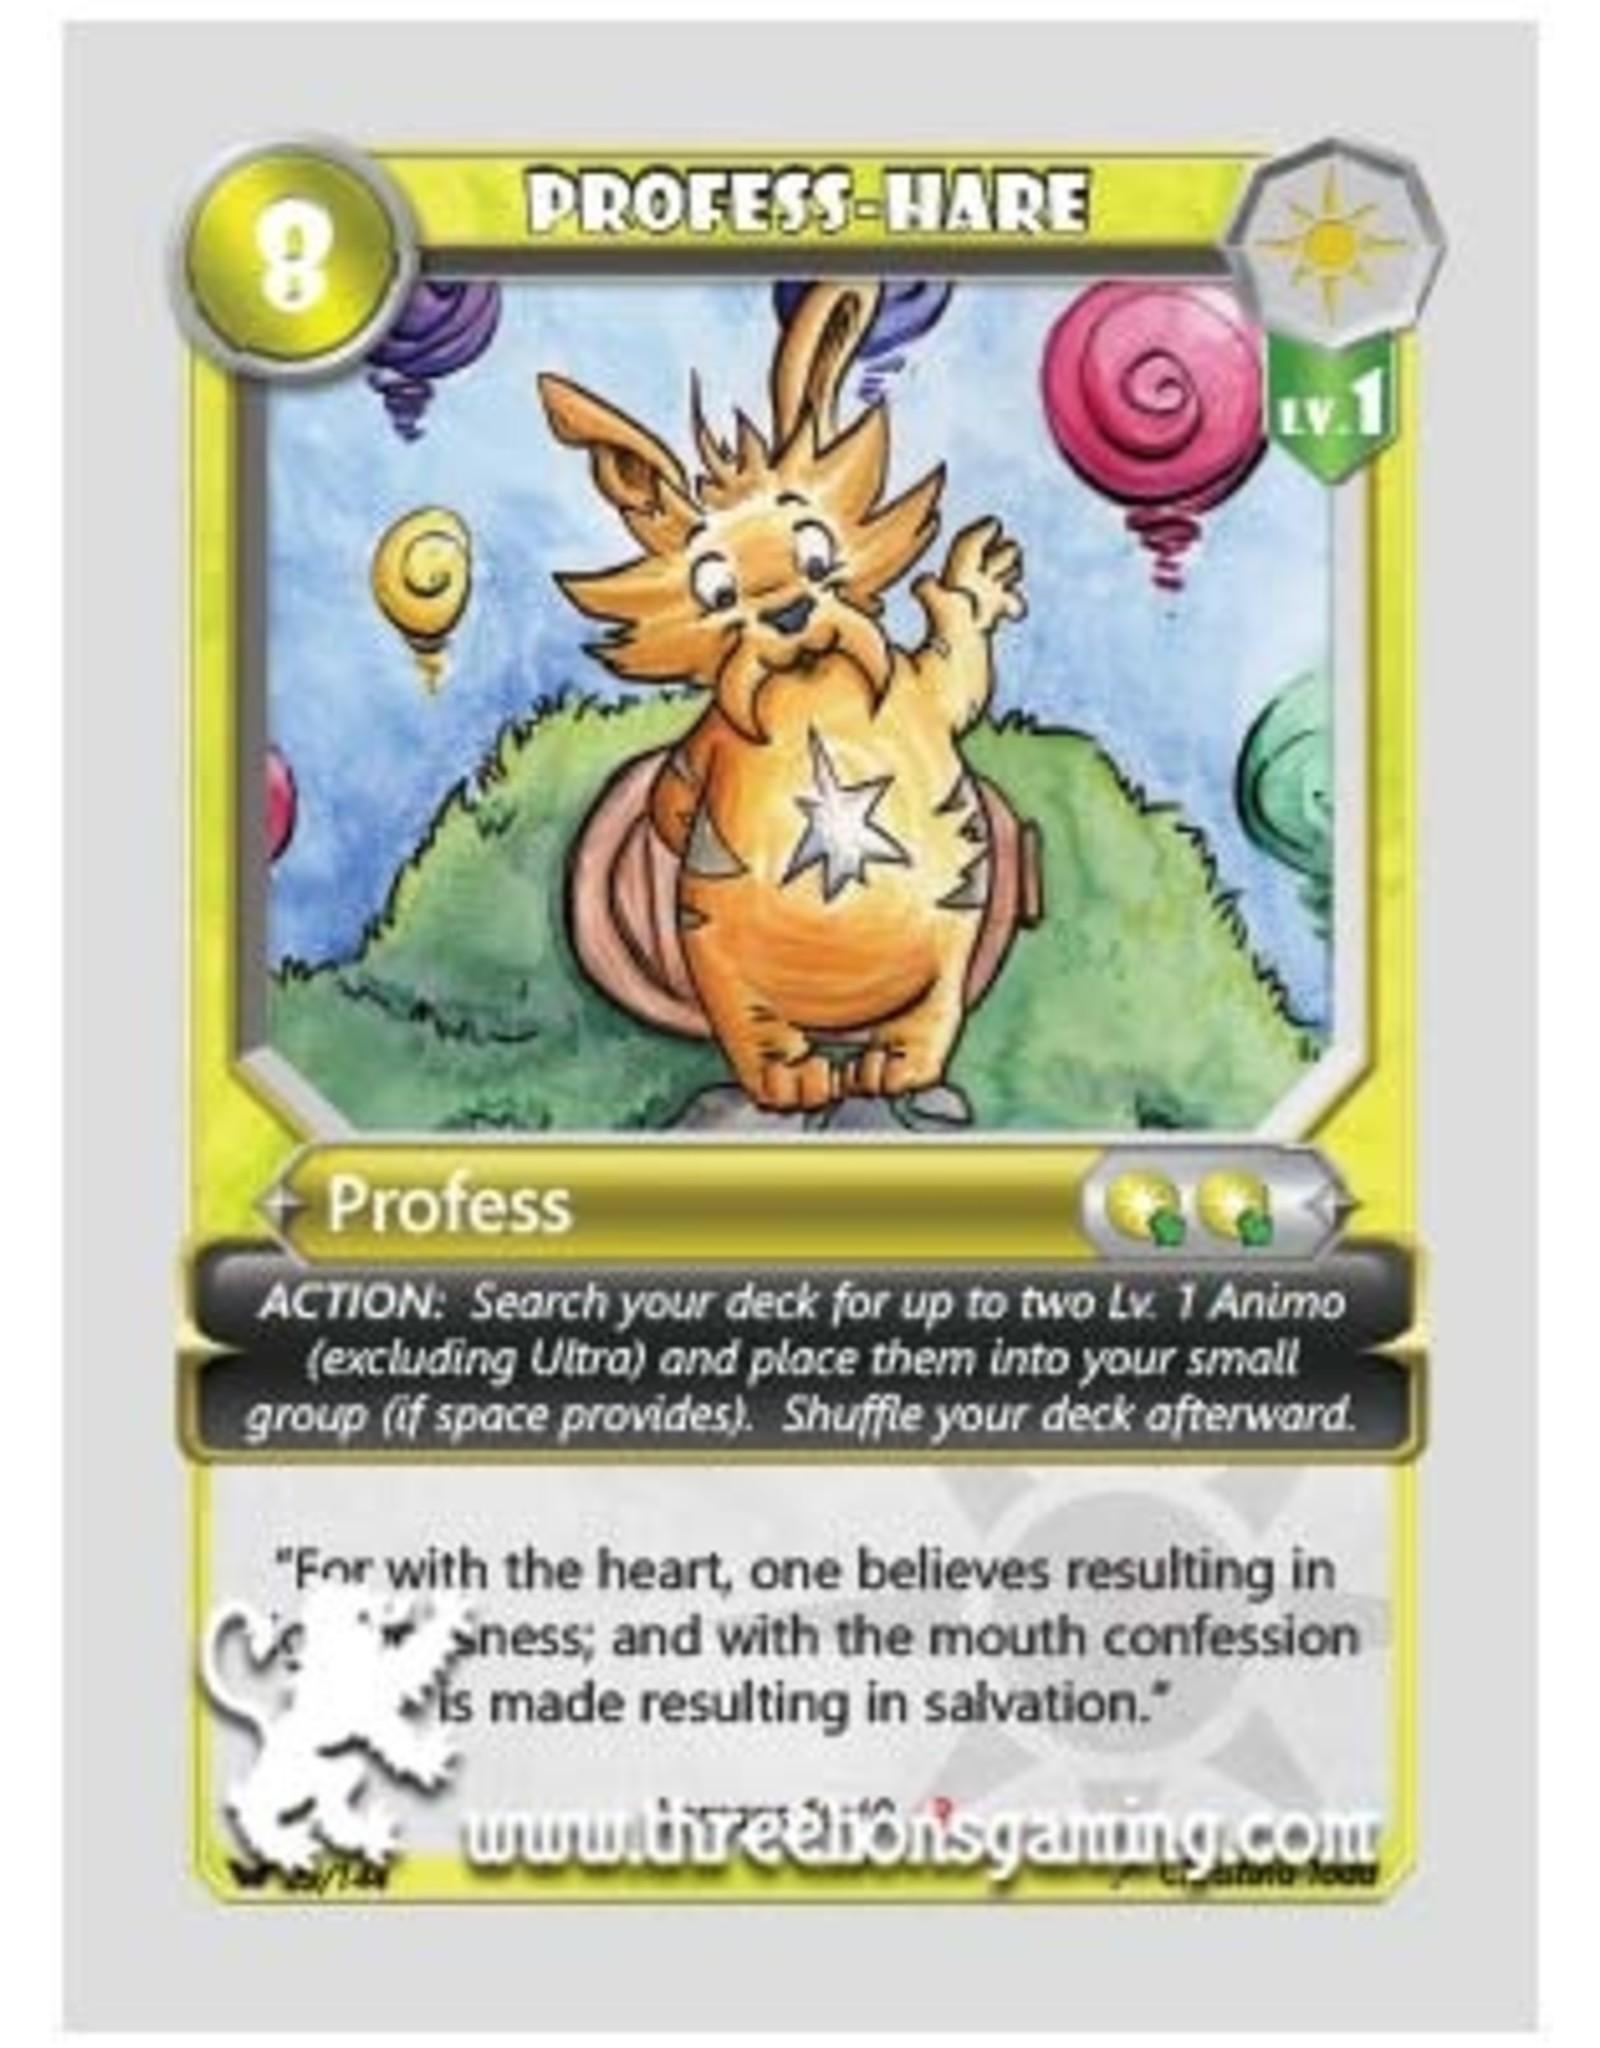 CT: Profess-Hare